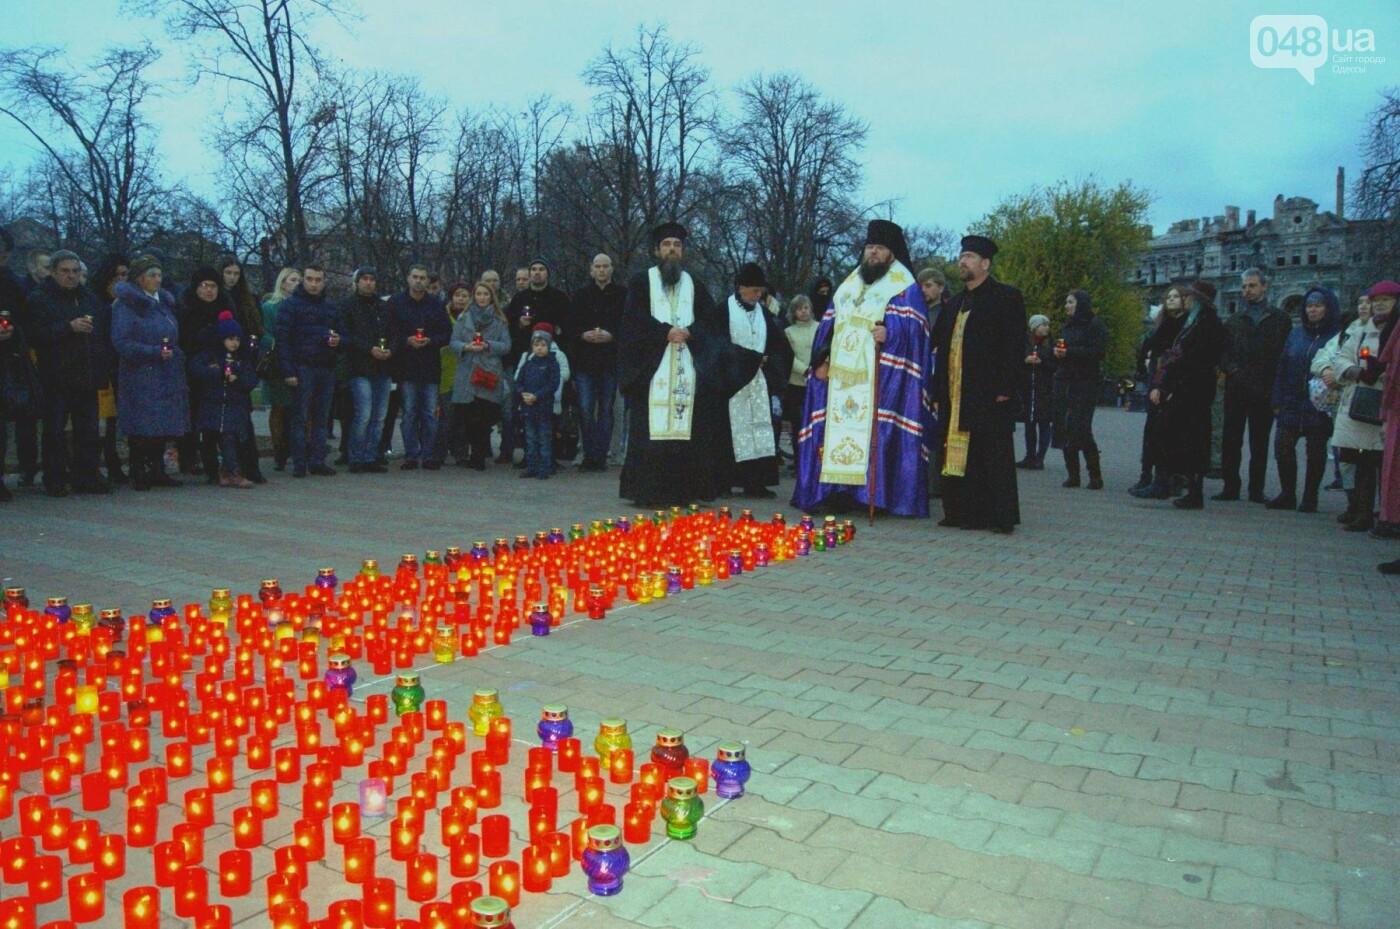 Одесситы провели трогательную акцию (ФОТО, ВИДЕО), фото-14